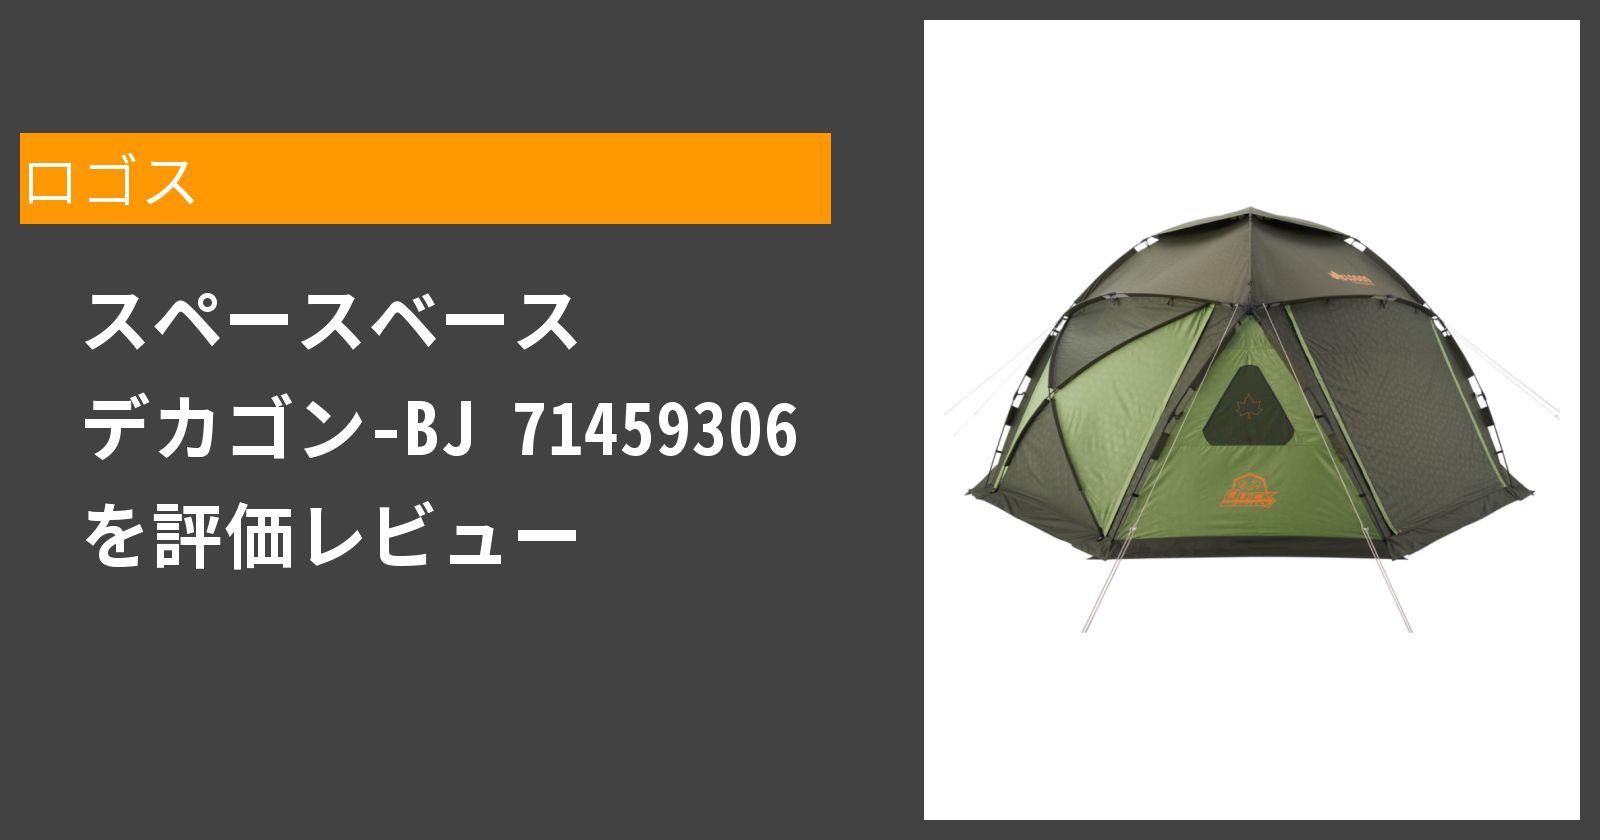 スペースベース デカゴン-BJ 71459306を徹底評価